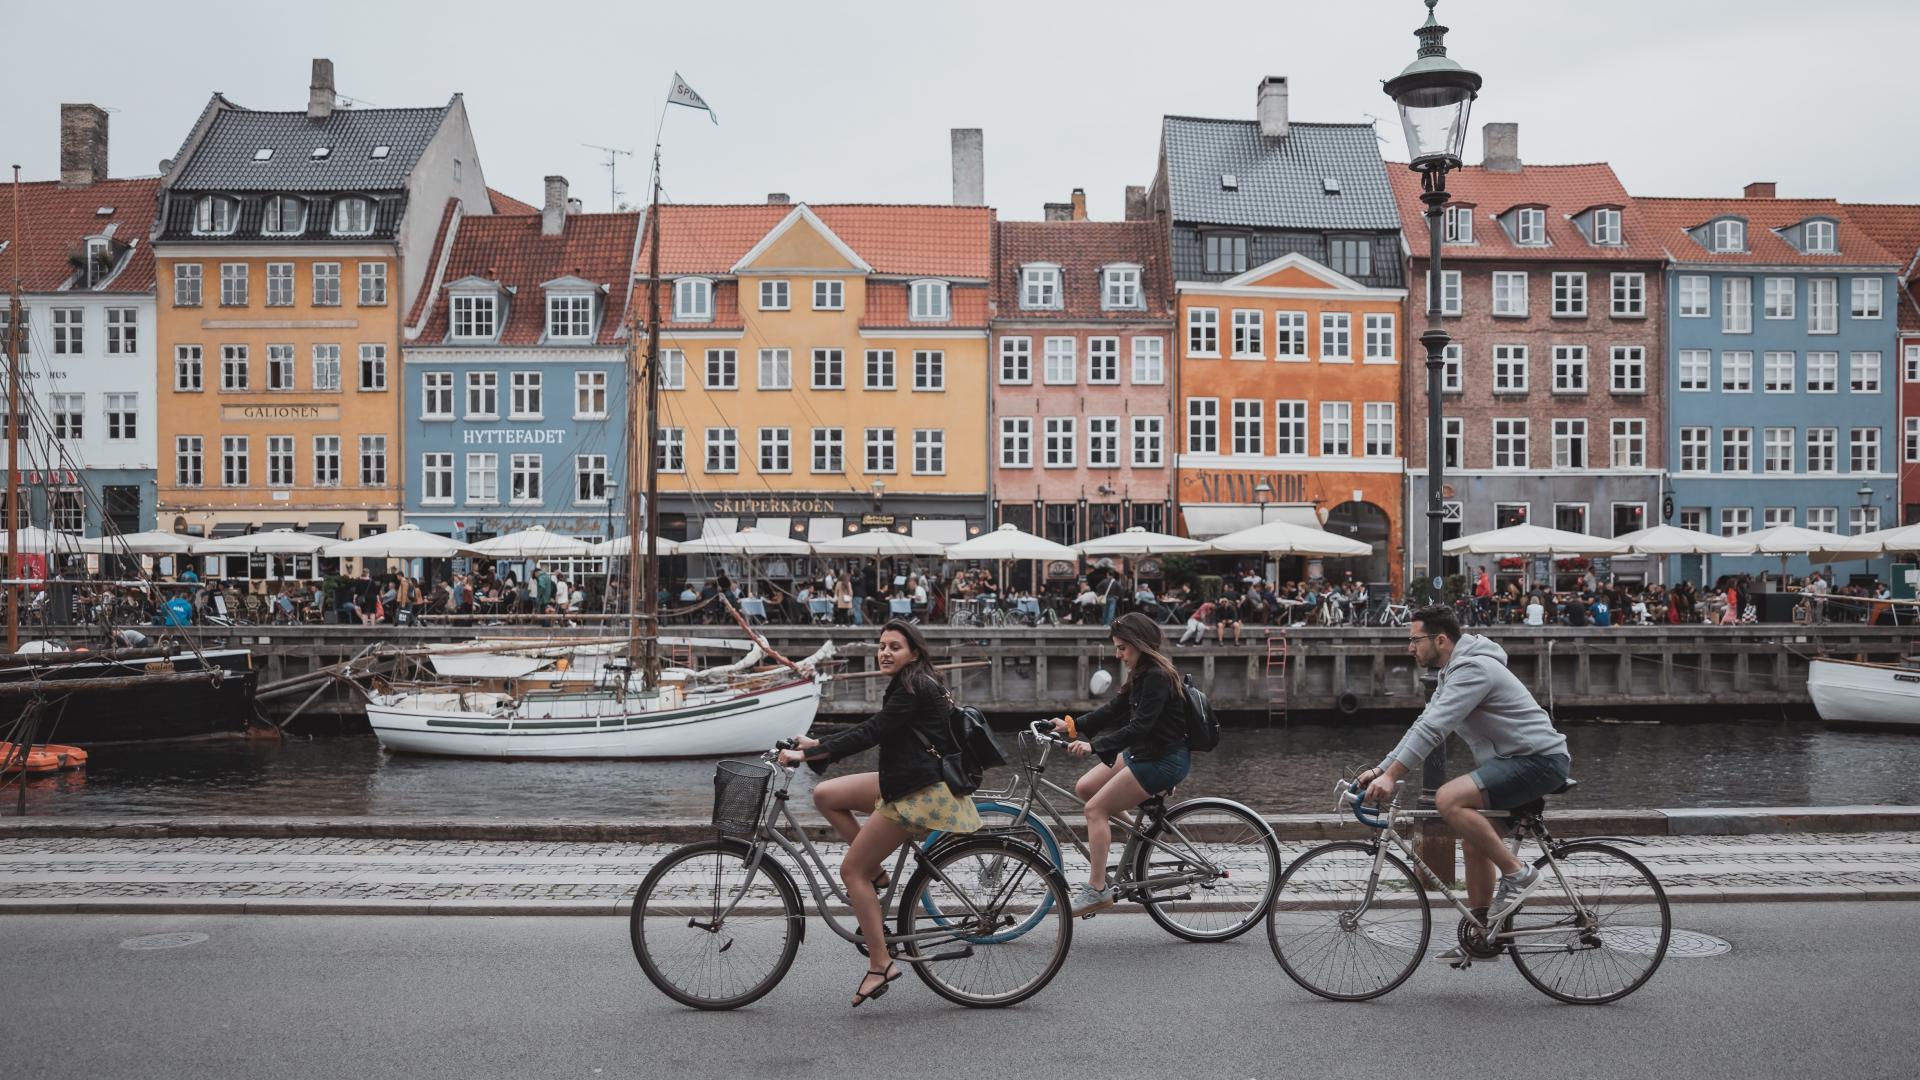 Europe's borders reopen to visitors from Canada | Nyhavn, Copenhagen, Denmark